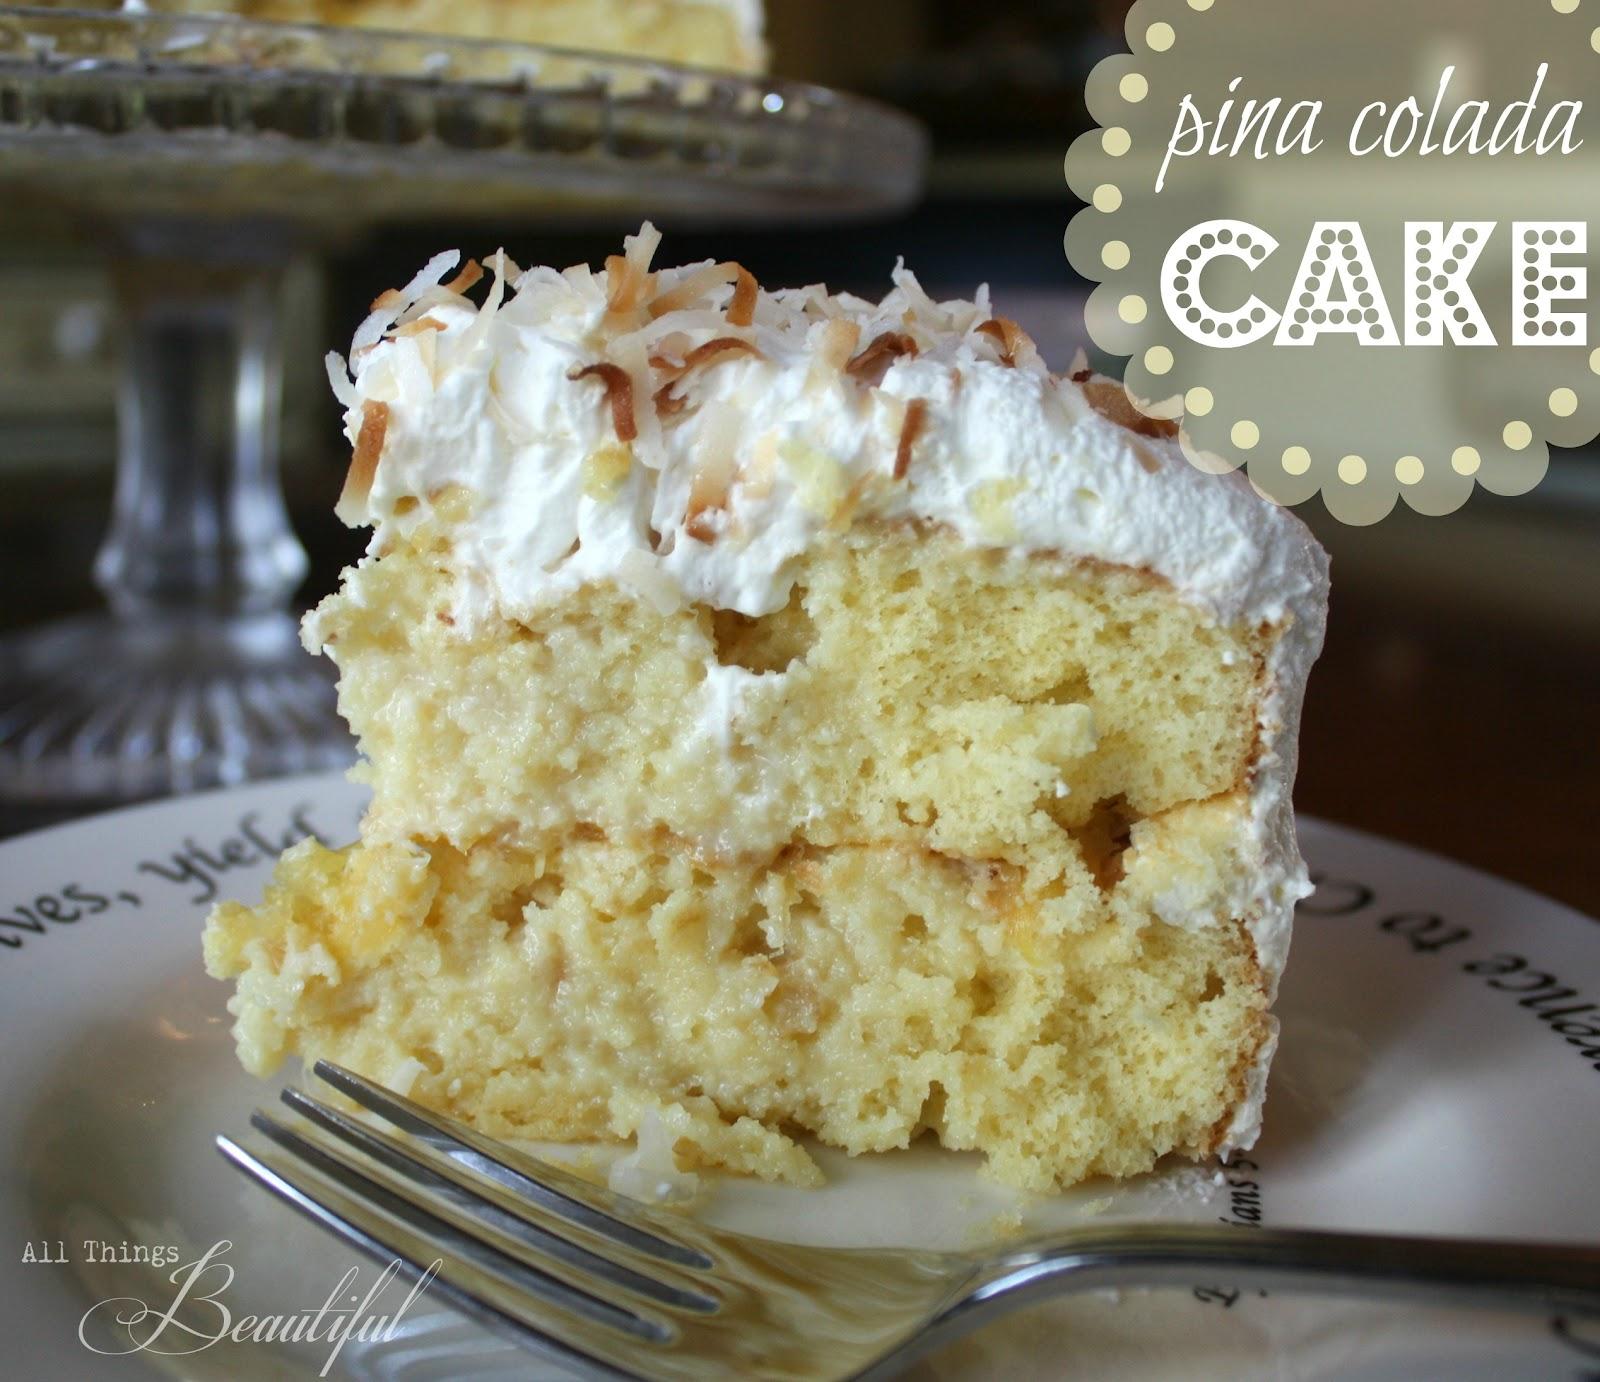 Best Pina Colada Cake Recipe From Scratch